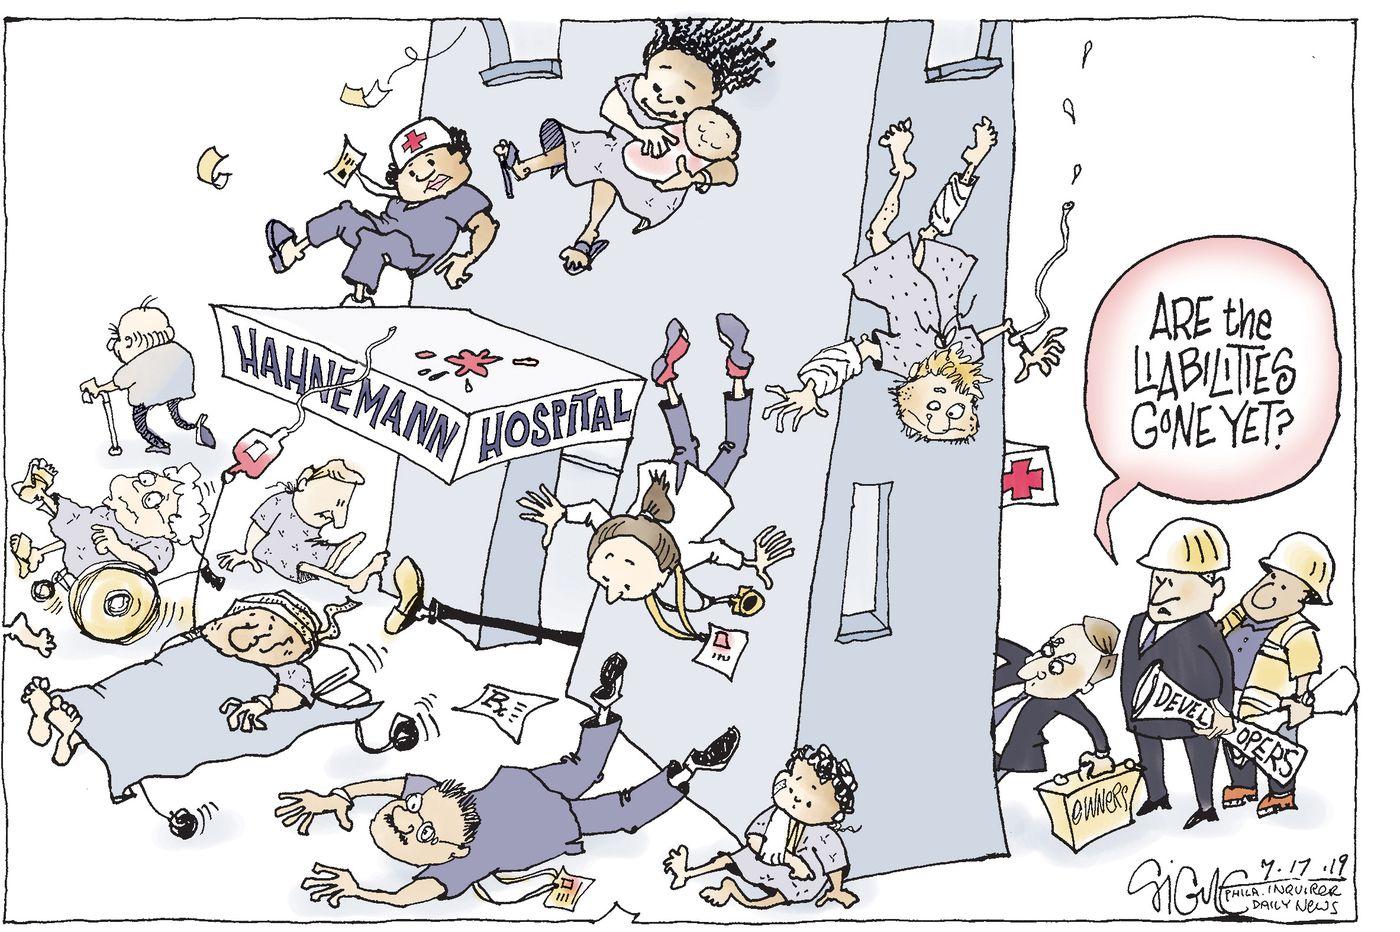 Political Cartoon: Philadelphia's Hahnemann Hospital is closing